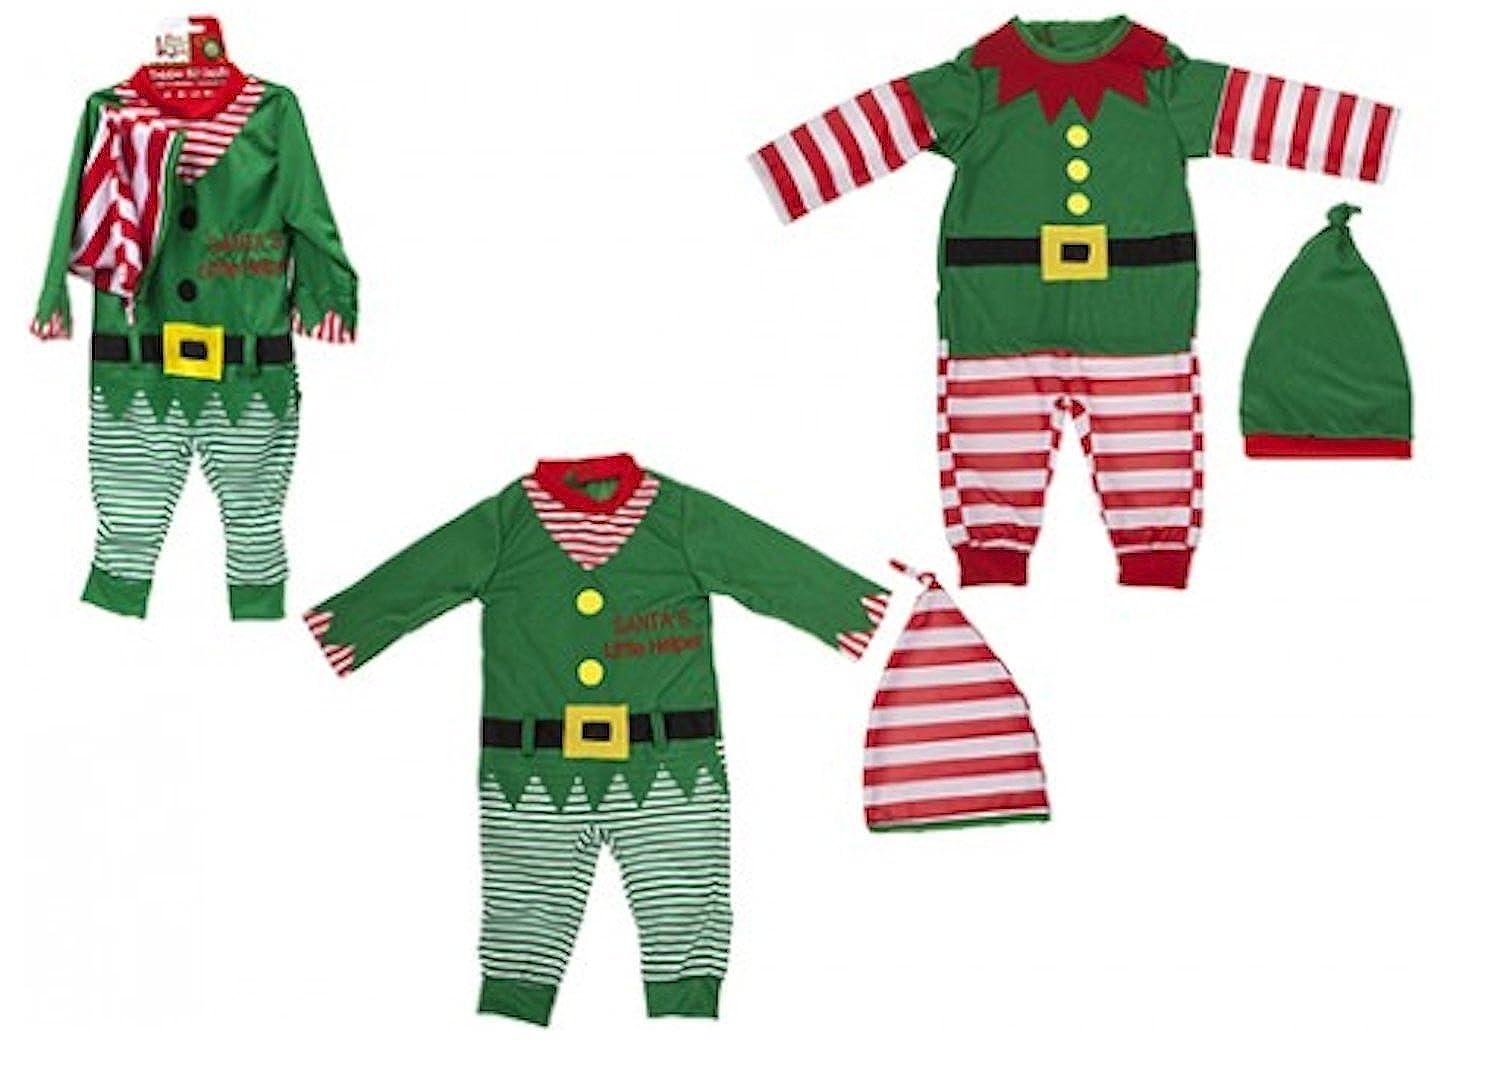 Amazon.com: bebé/Baby duende de la Navidad Outfit. Romper y ...